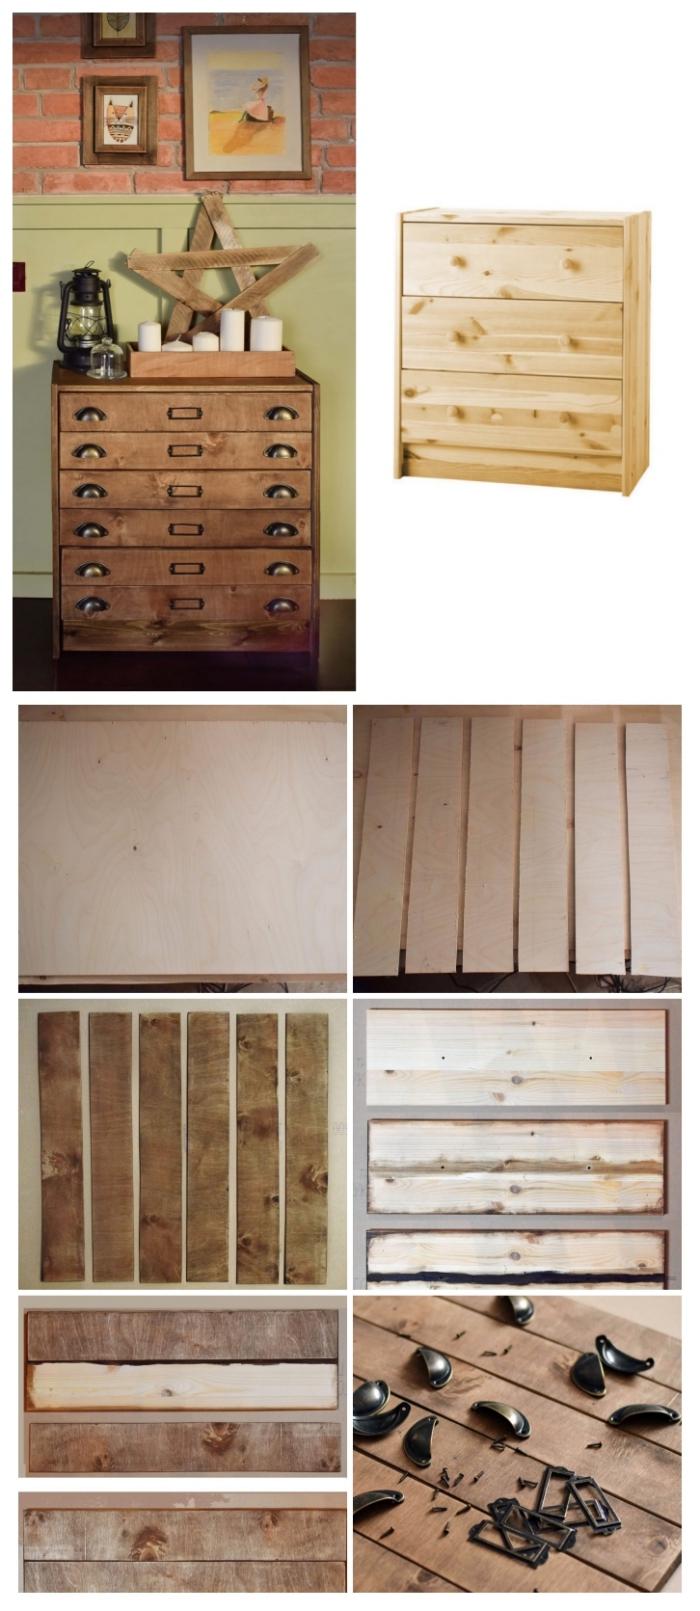 tuto facile pour customiser un meuble rast de chez ikea, commode rast relookée en meuble d'apothicaire